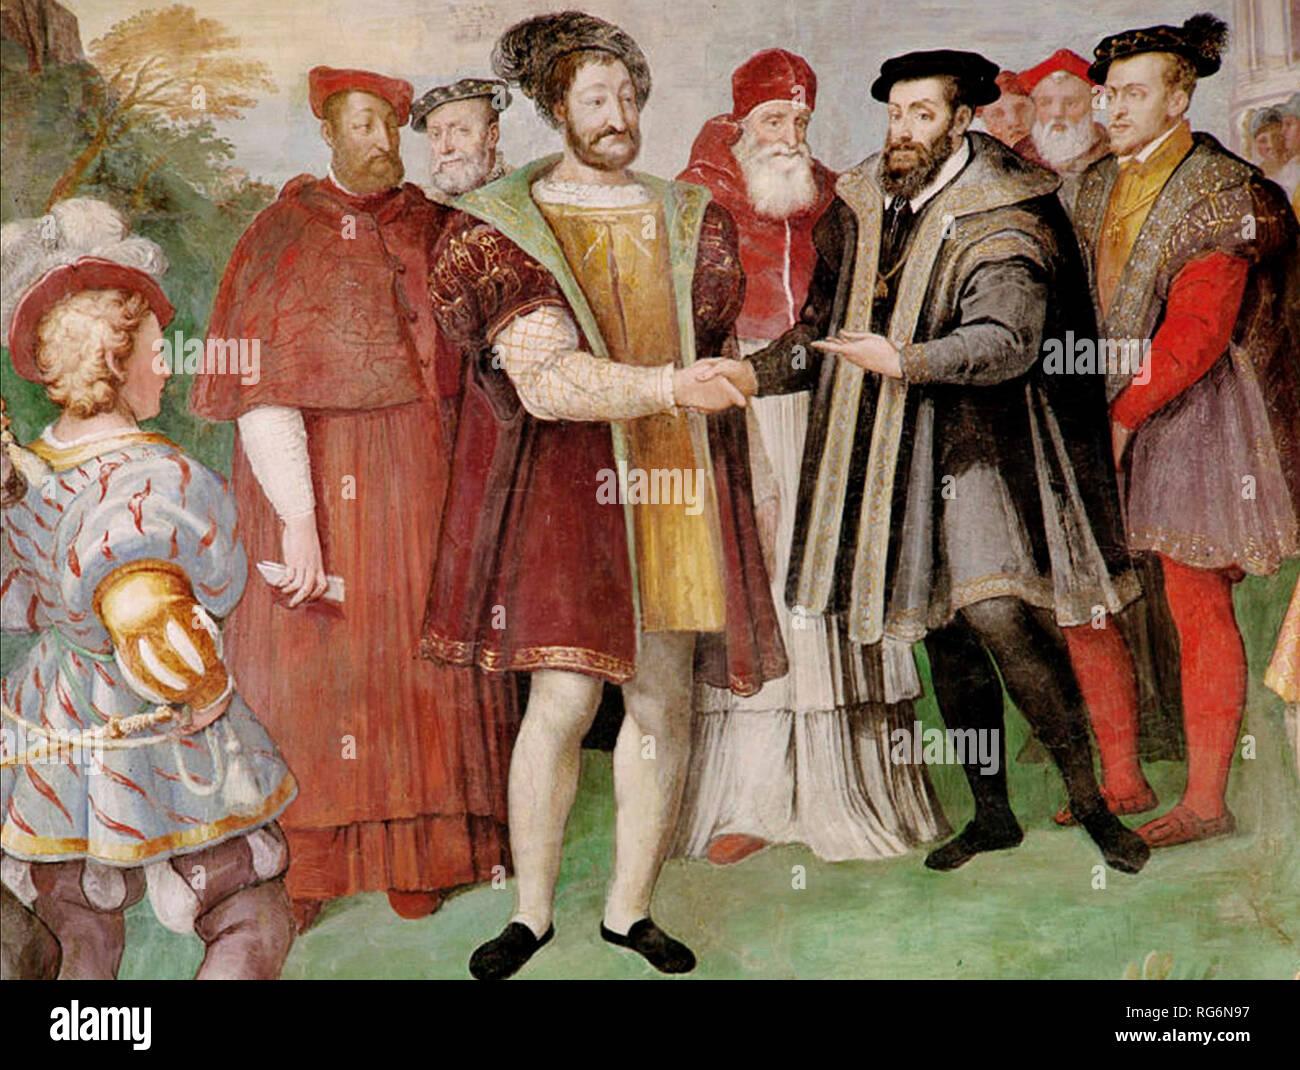 Francisco I y Carlos V hizo la paz en la tregua de Niza en 1538. Francisco se negaron a reunirse en persona, Charles y el tratado fue firmado en habitaciones separadas. Tregua de Niza de 1538. Taddeo Zuccari Foto de stock